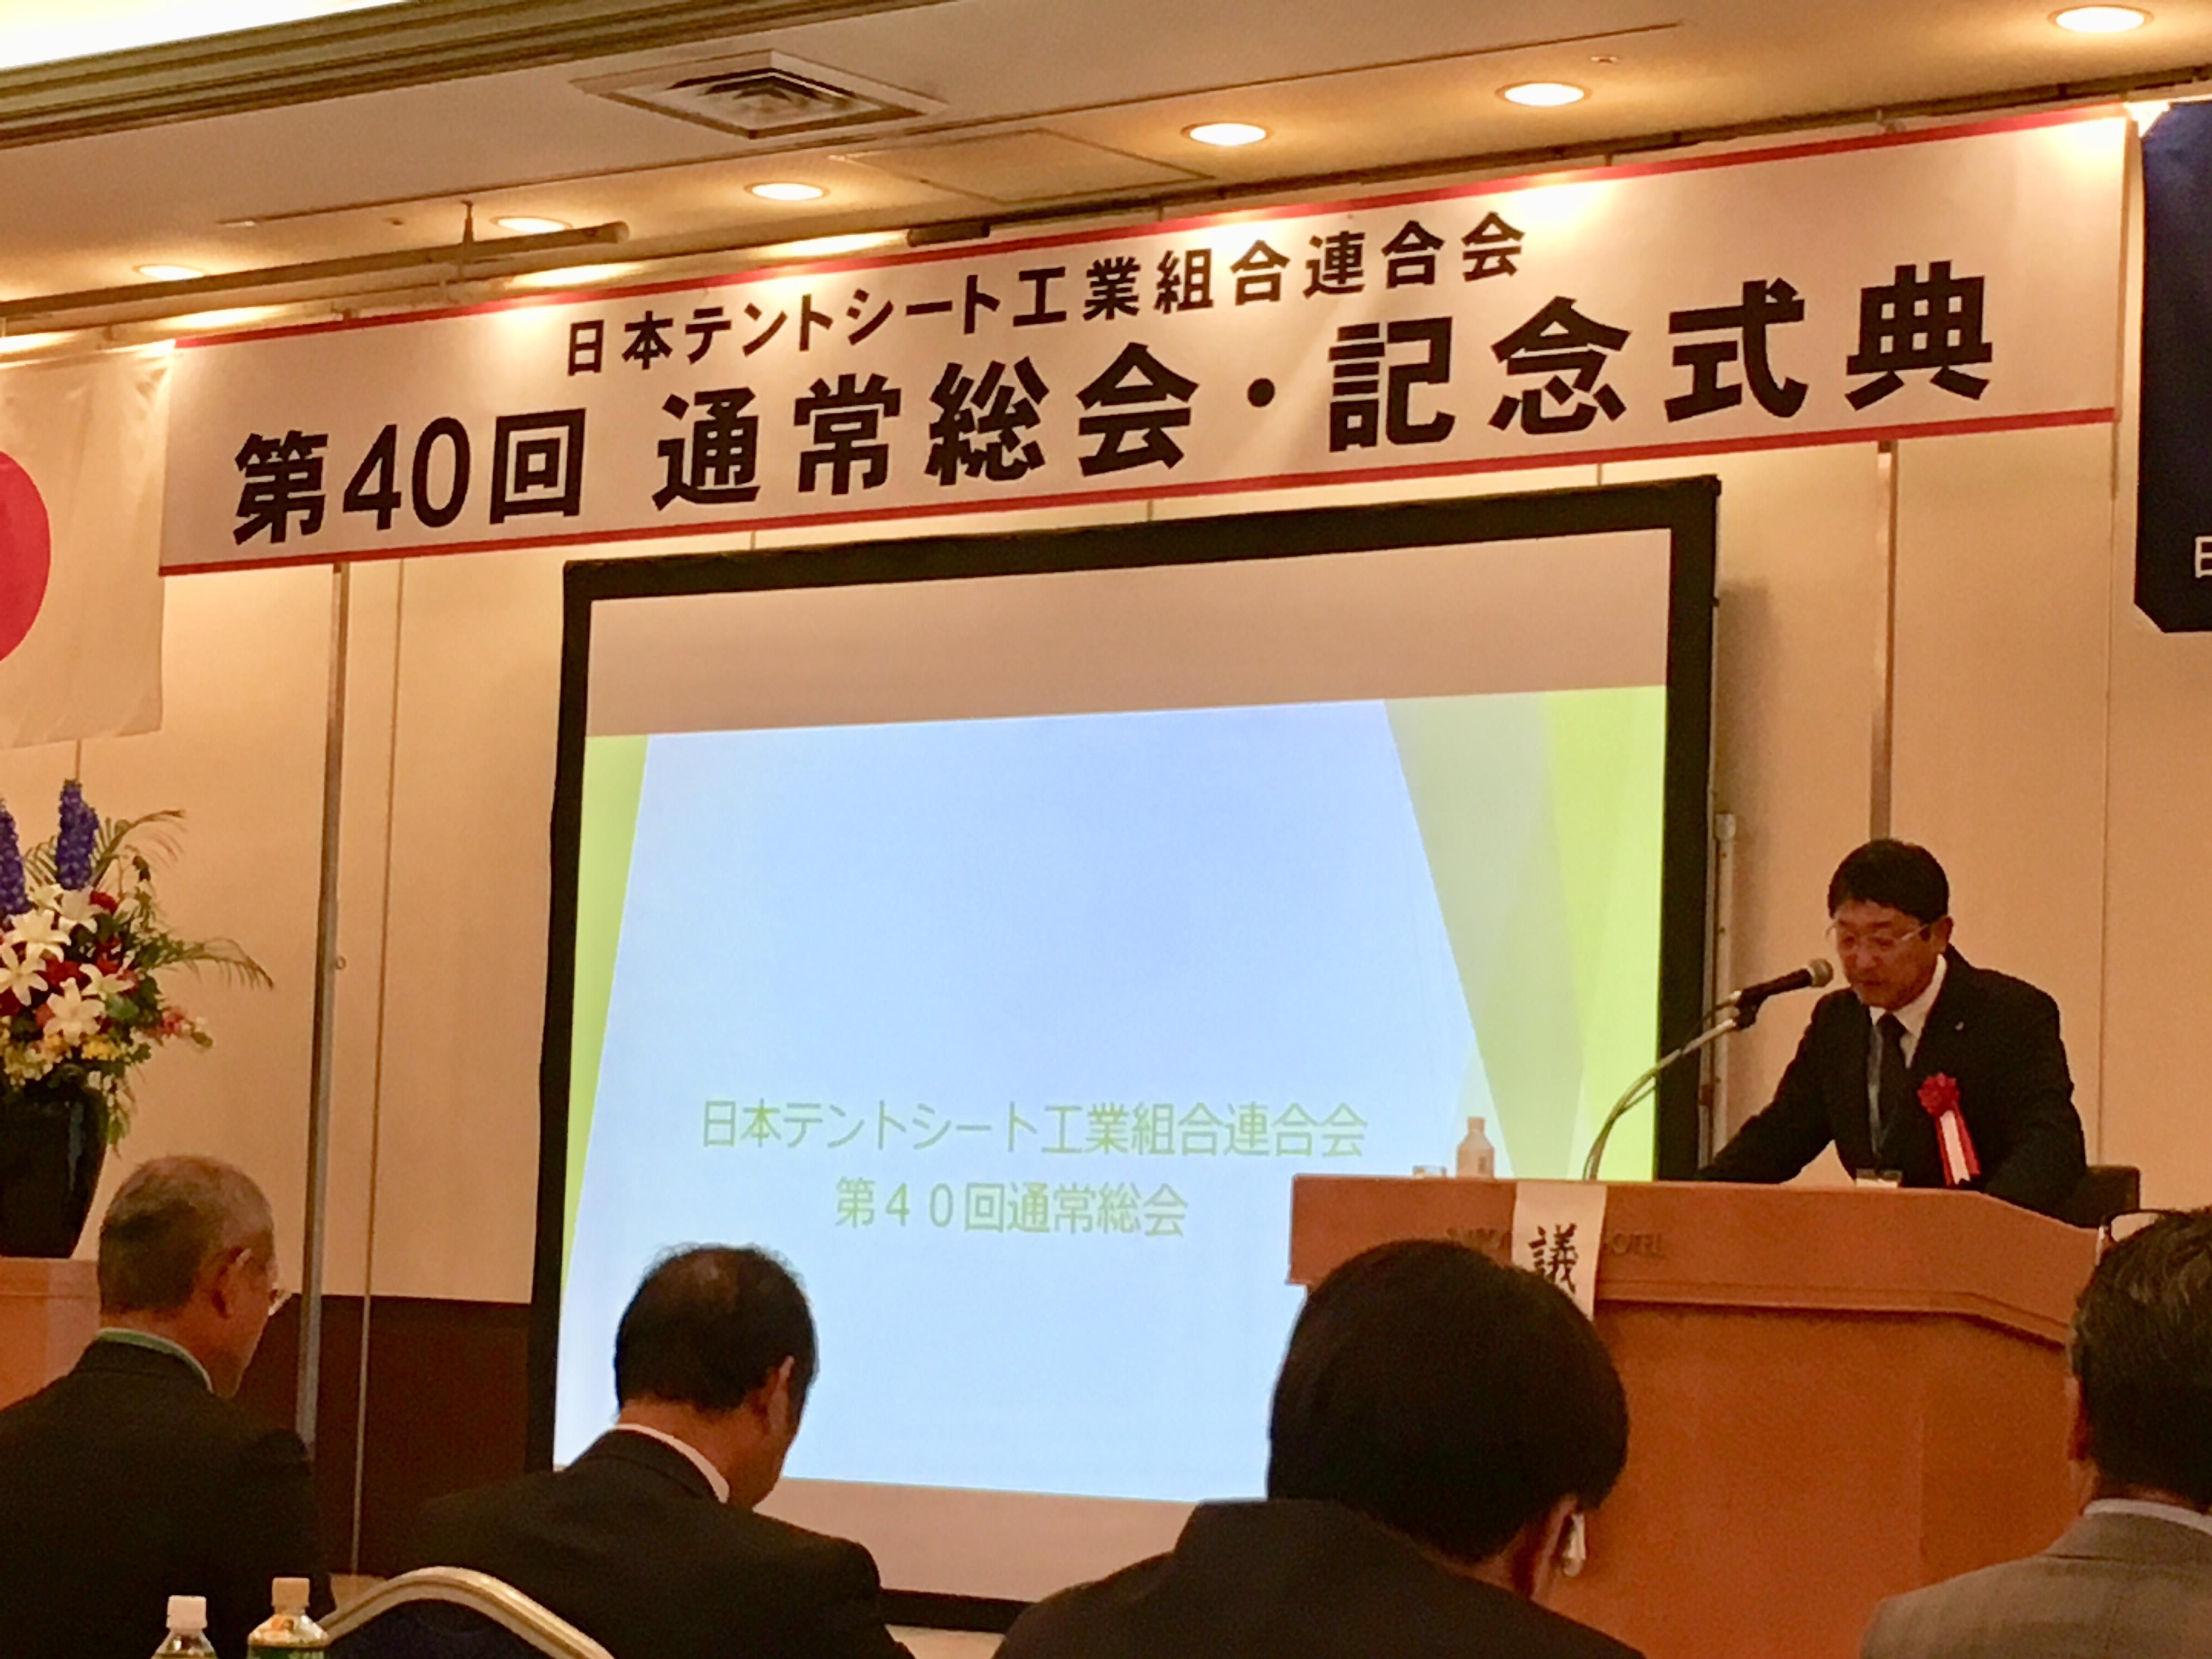 第3回 全国大会 in 北海道